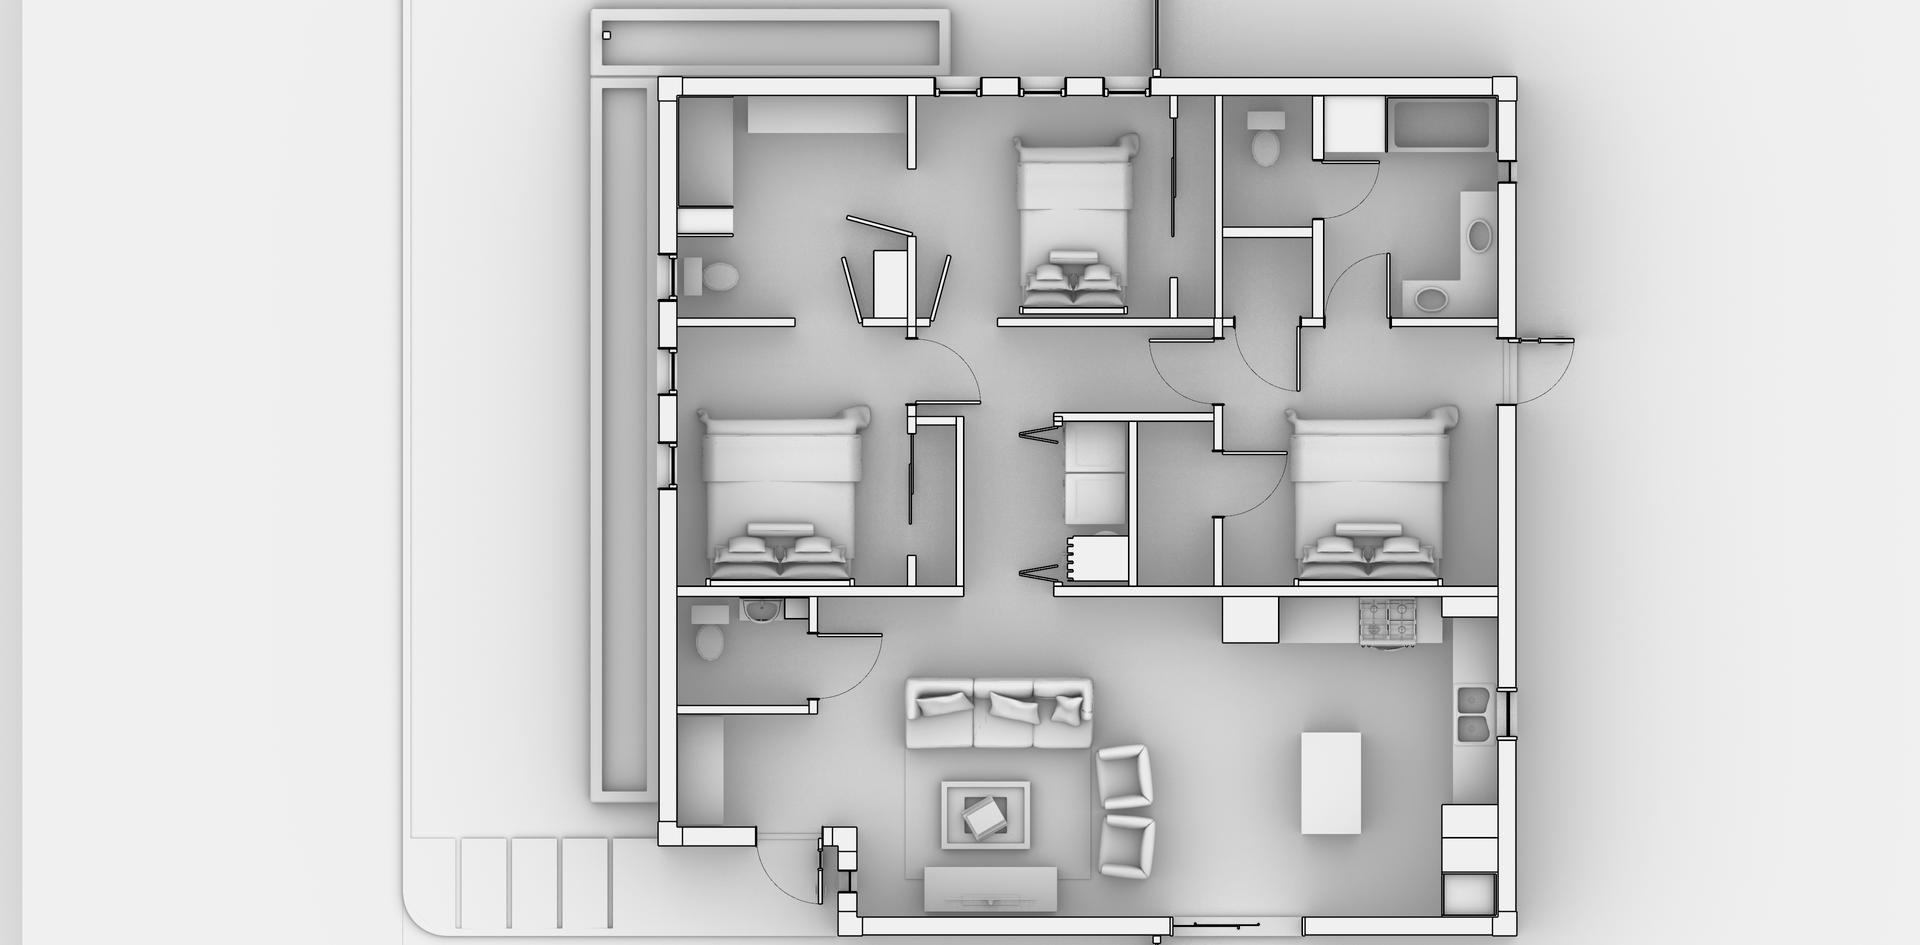 Large Floorplan.png